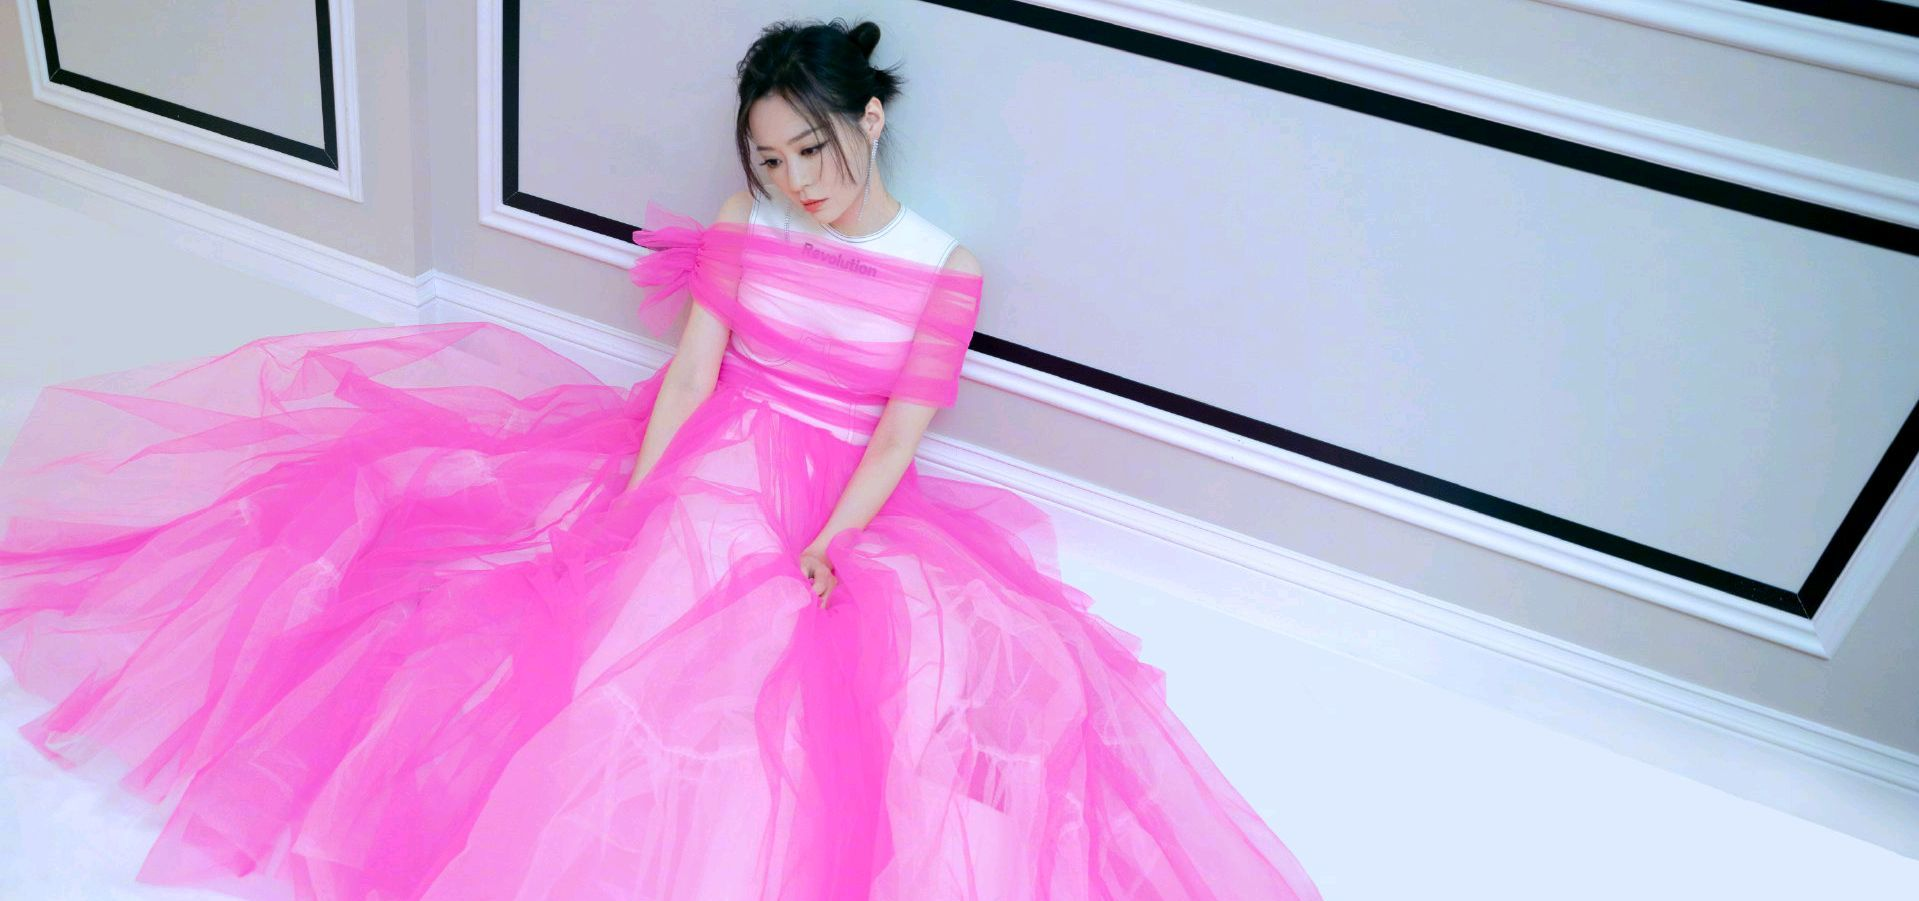 张靓颖芭比粉绑带纱裙,时尚还是土气全在一念之间~